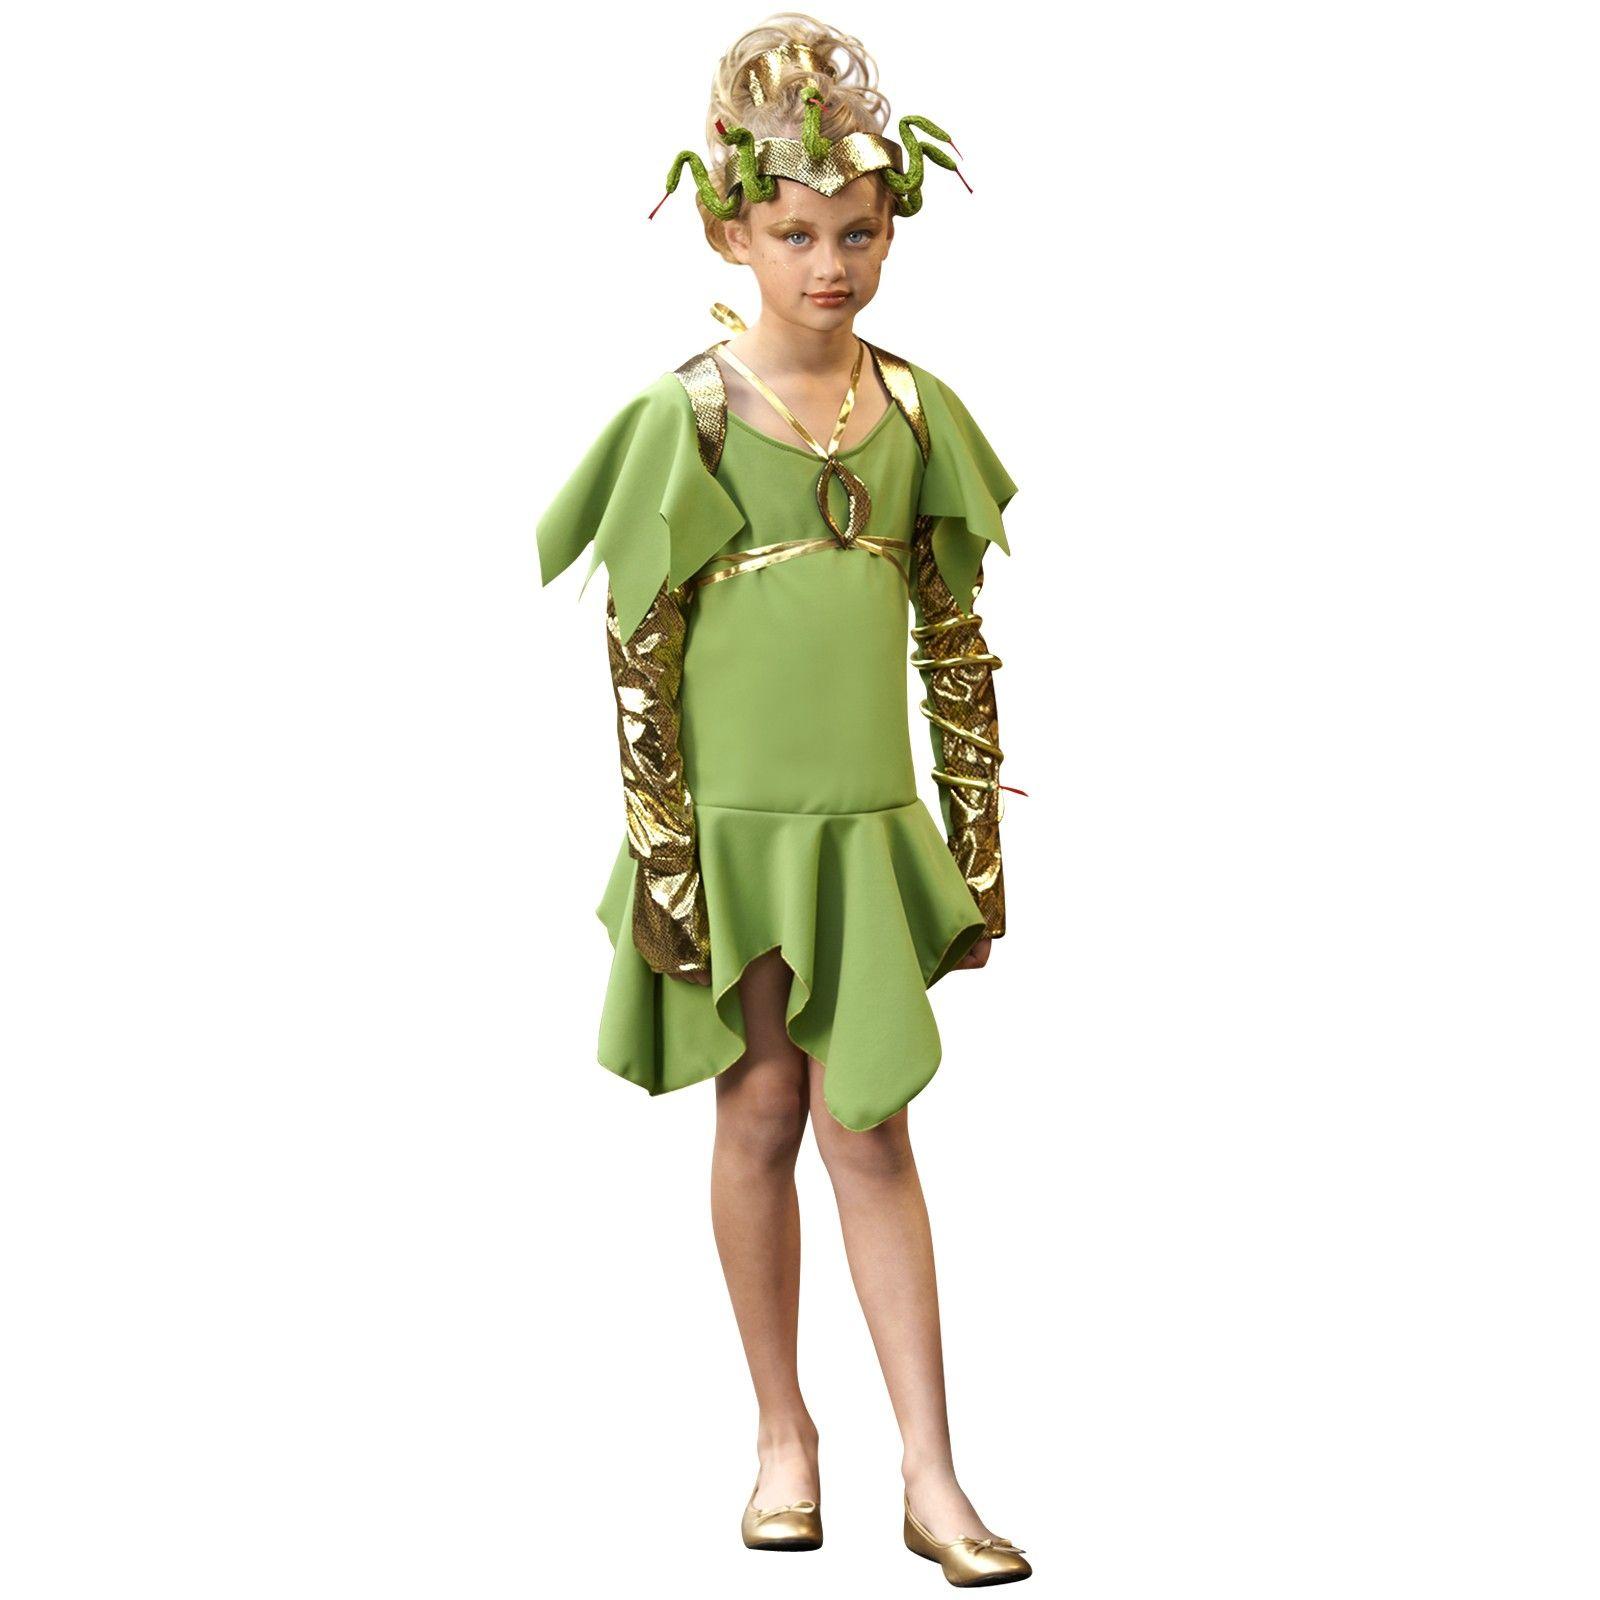 medusa child costume - Medusa Halloween Costume Kids